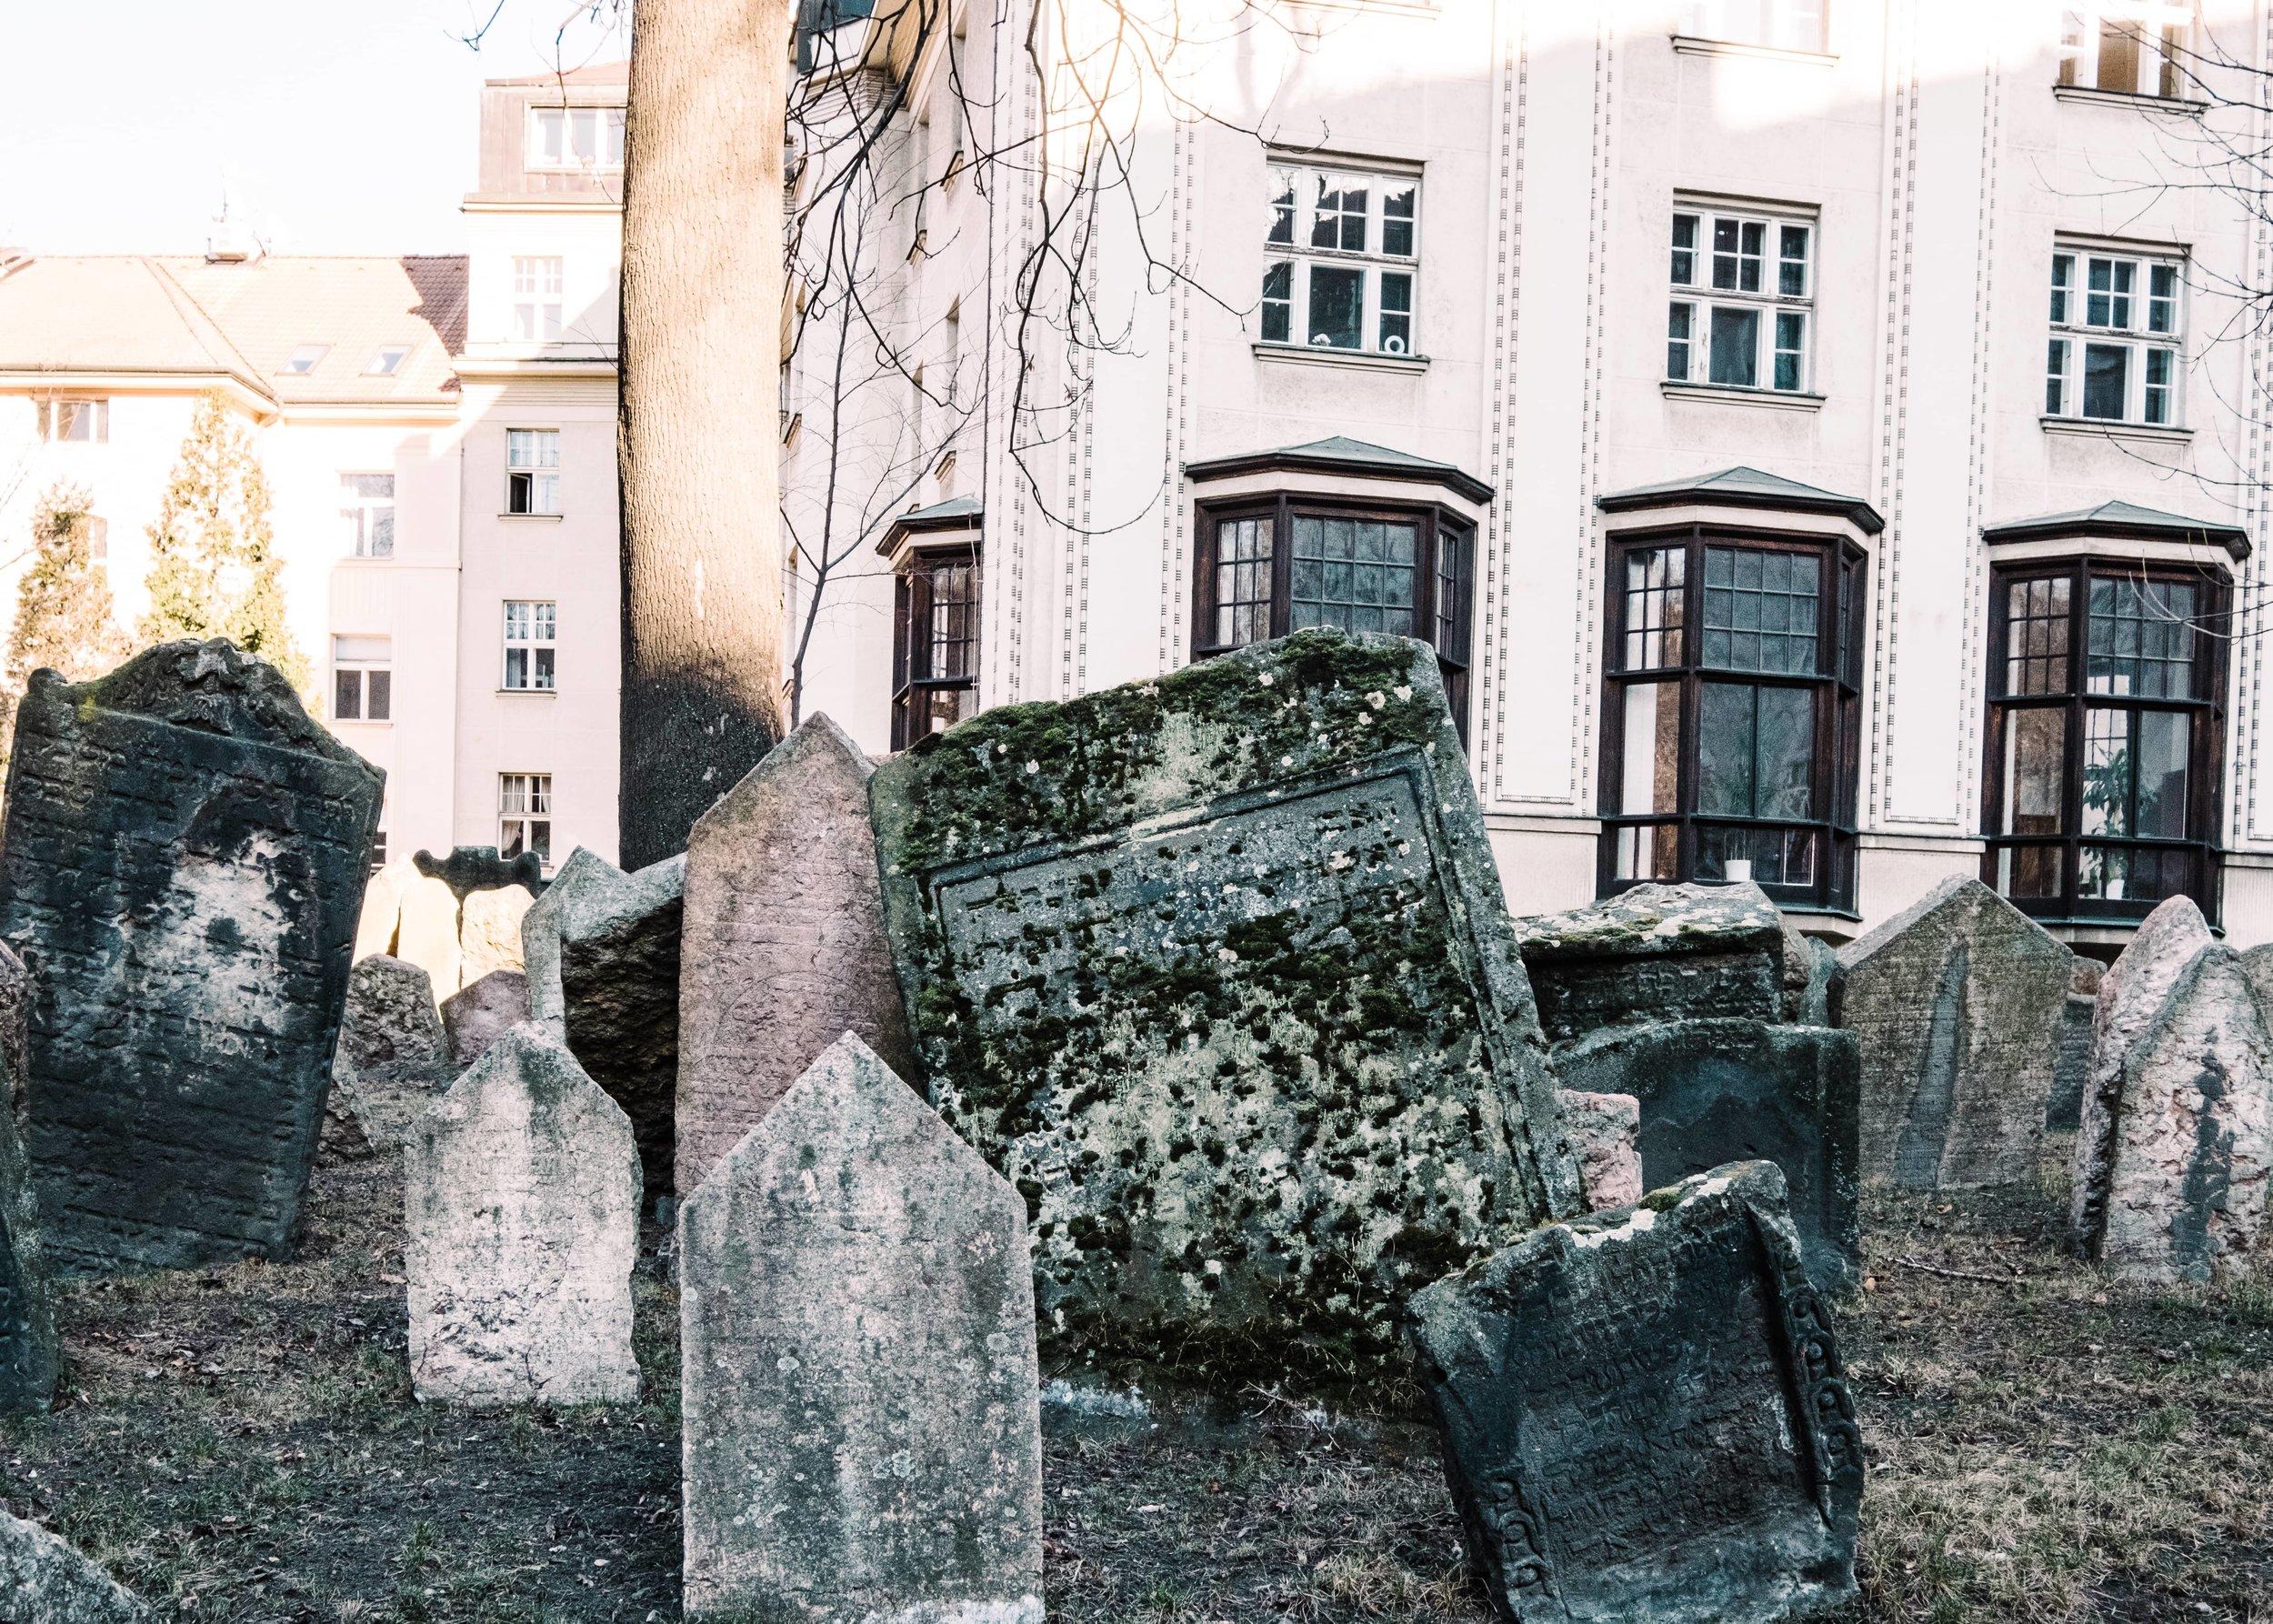 JewishCemetary_Prague_JuliaMattis_Photo14-min.jpg